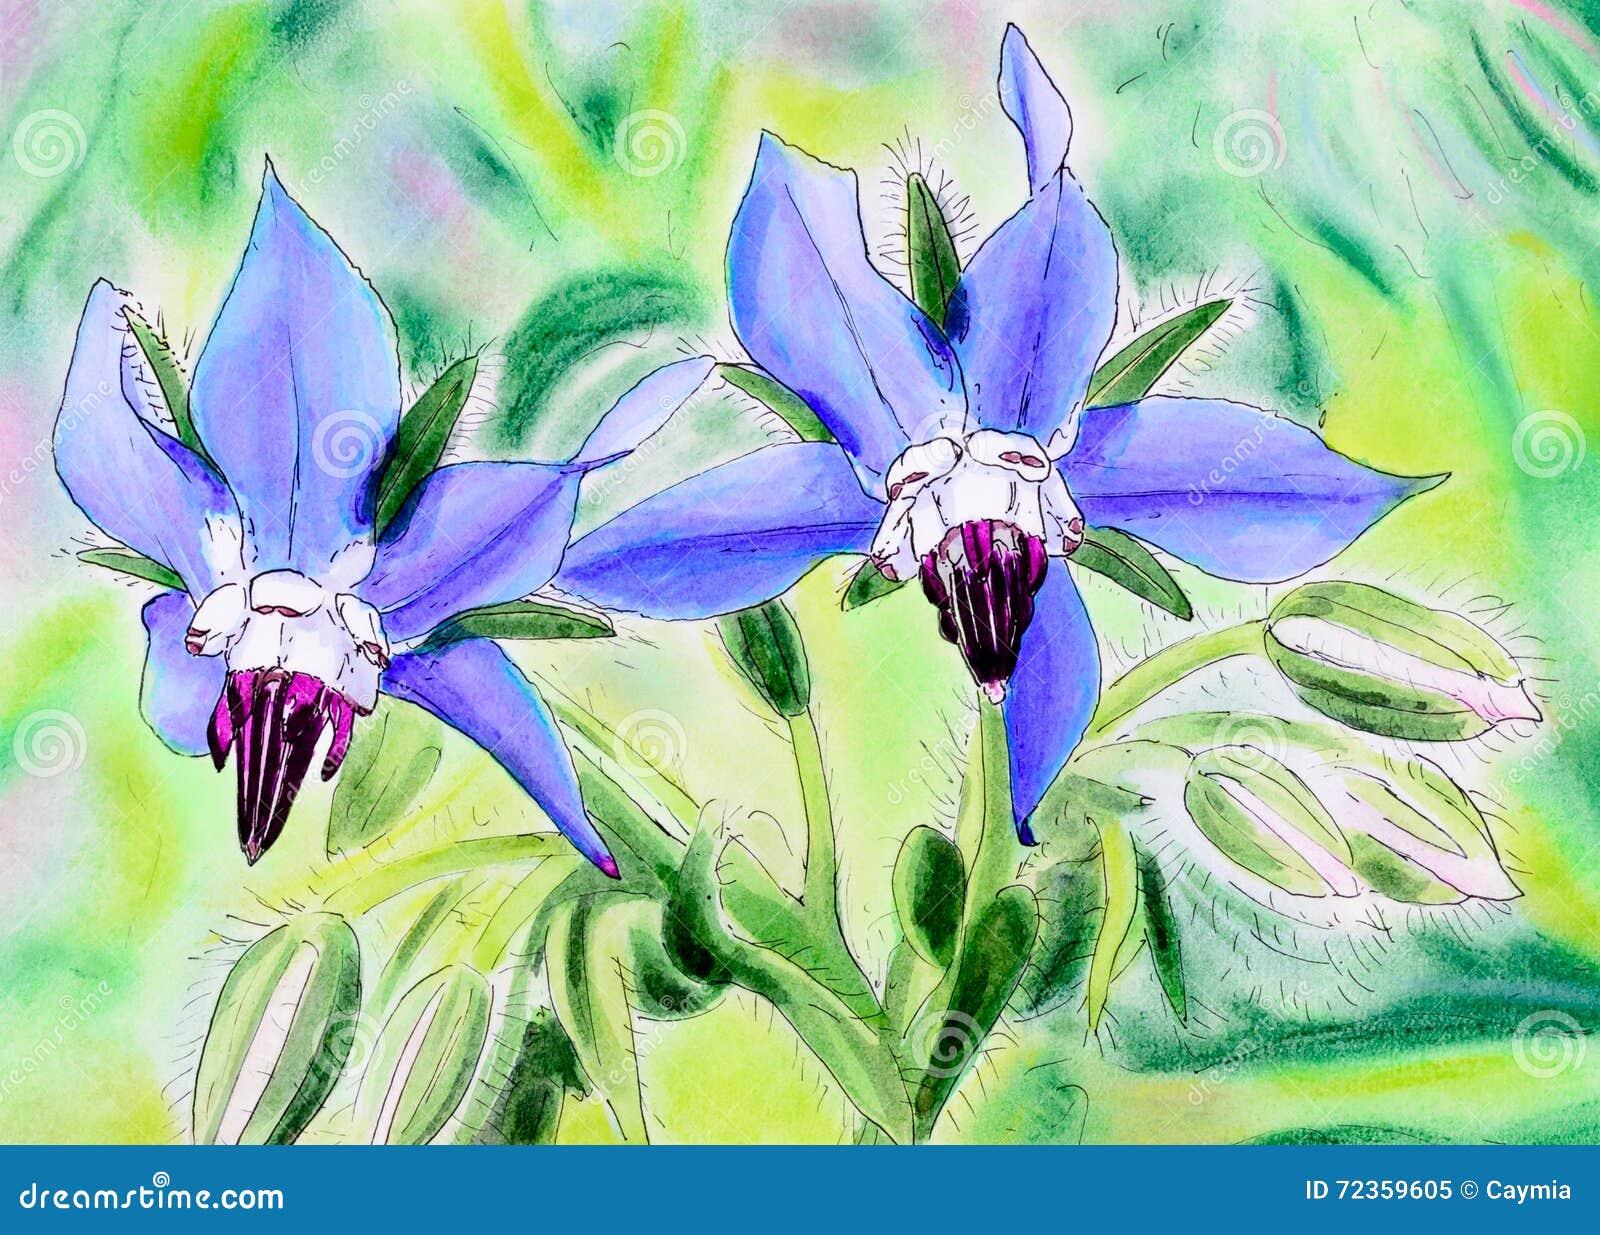 蓝色琉璃苣花原始的绘画